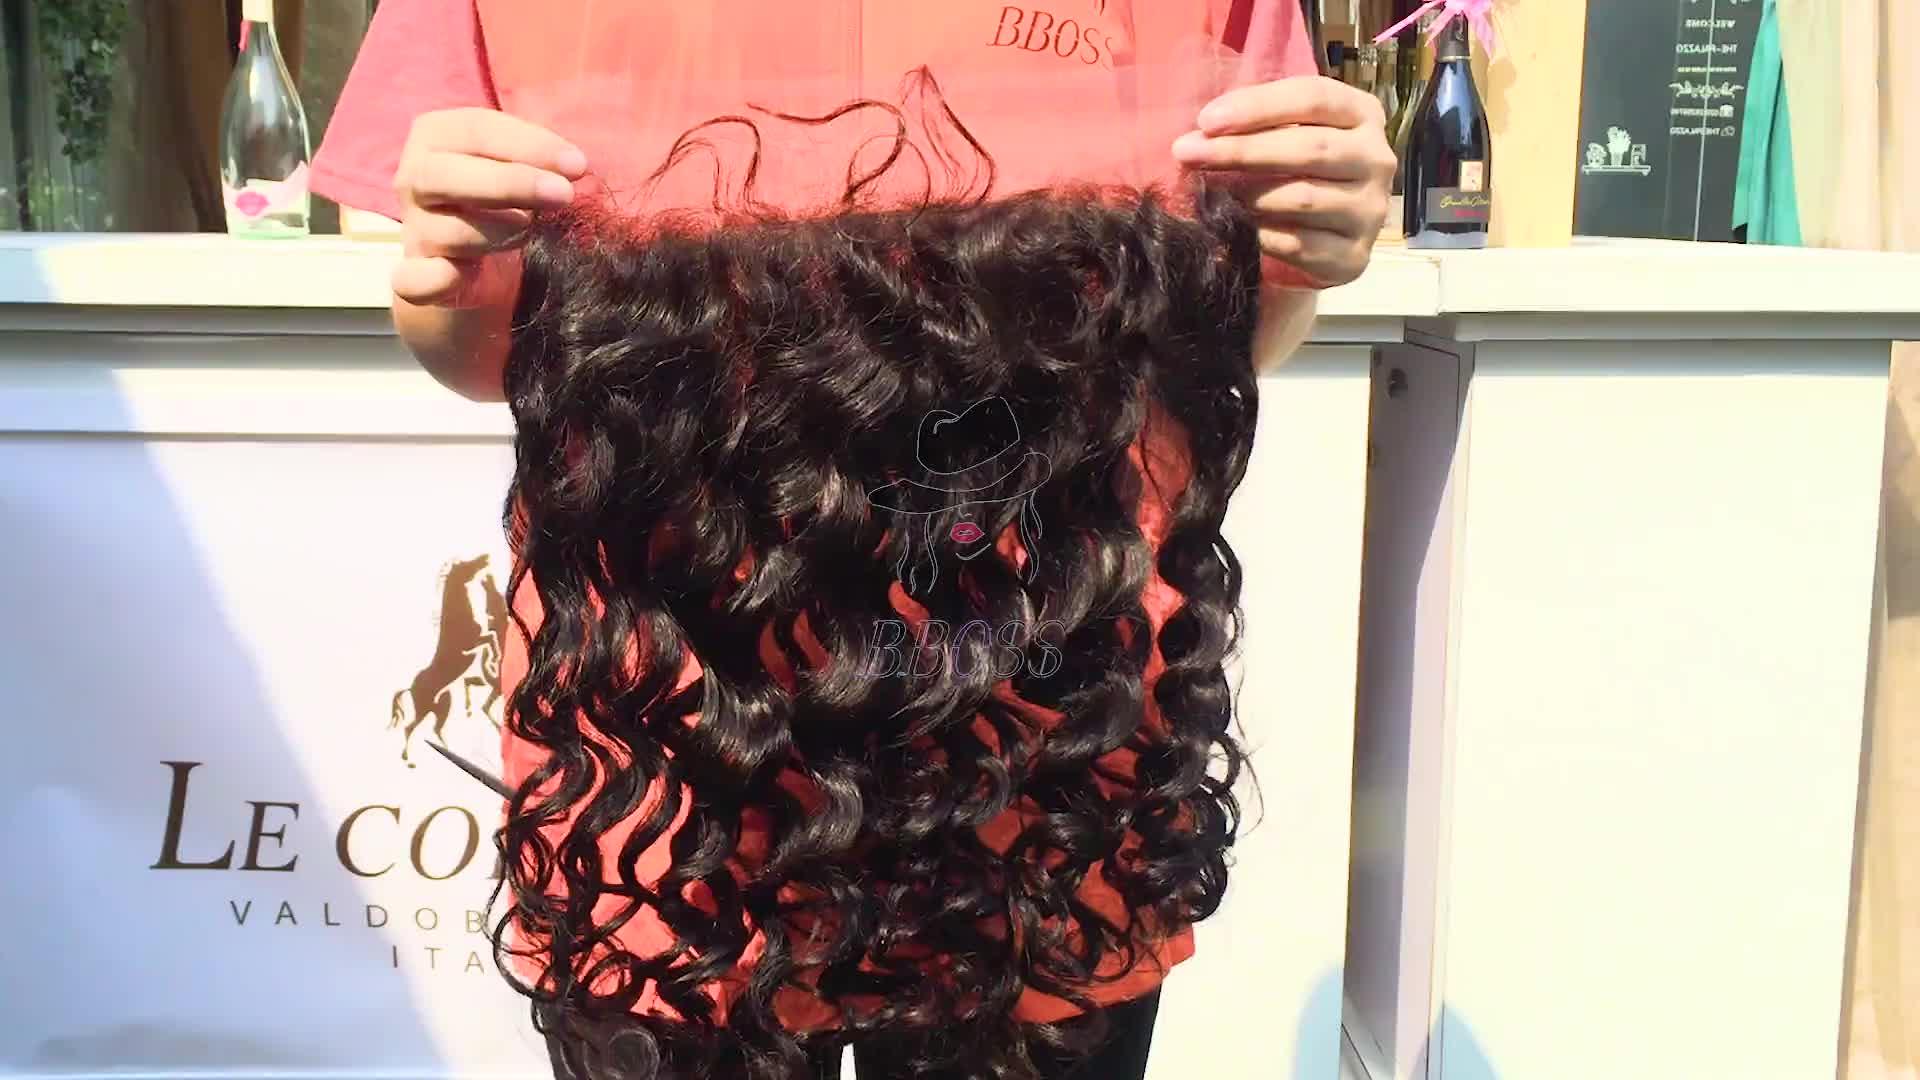 Perruques de cheveux humains 100% naturelles en gros bon marché, perruques de dentelle de livraison en hd pendant la nuit, perruque brésilienne hd avant de lacet de cheveux humains